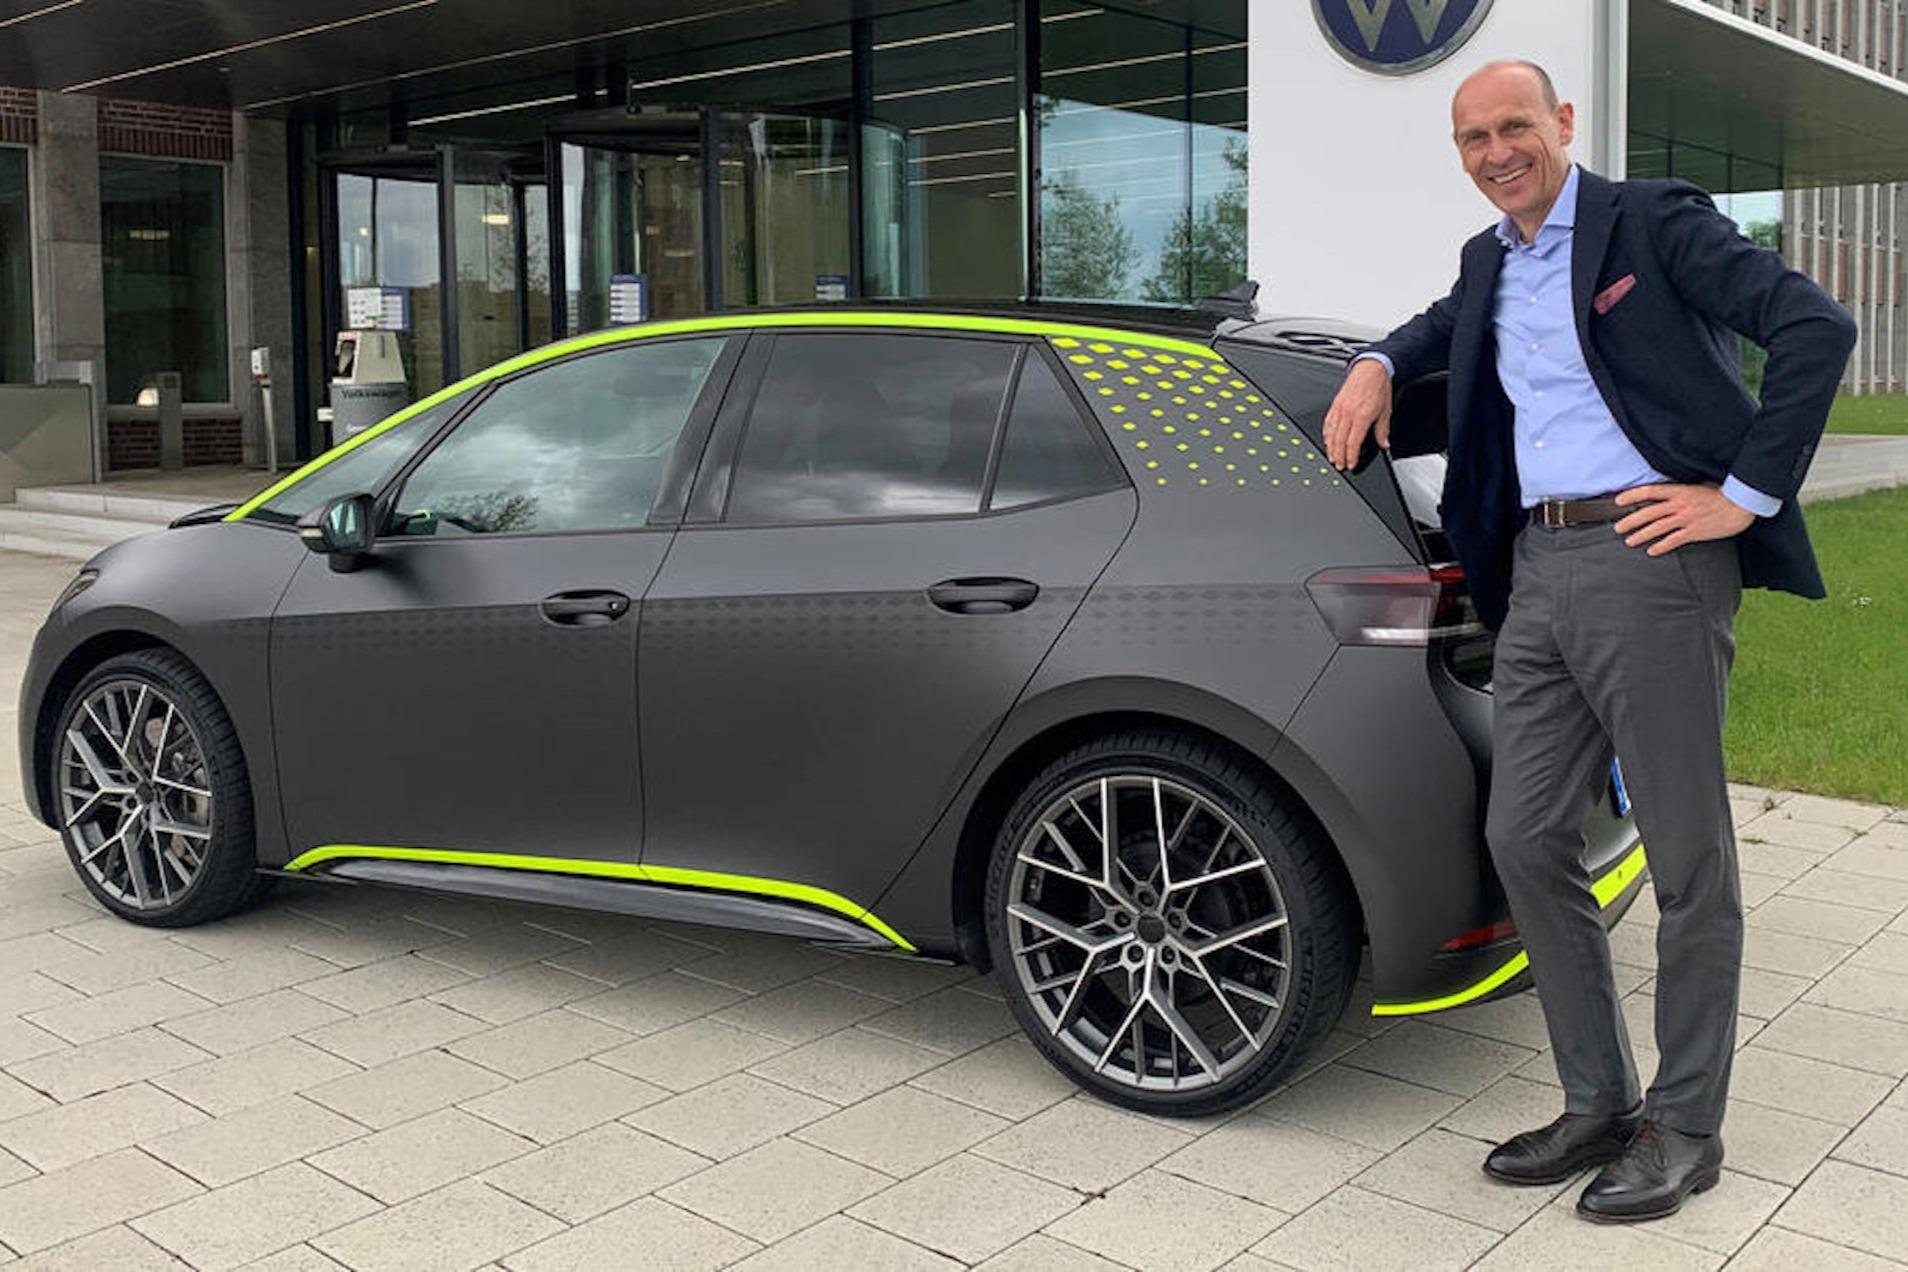 novo prototipo id.x e CEO da Volkswagen